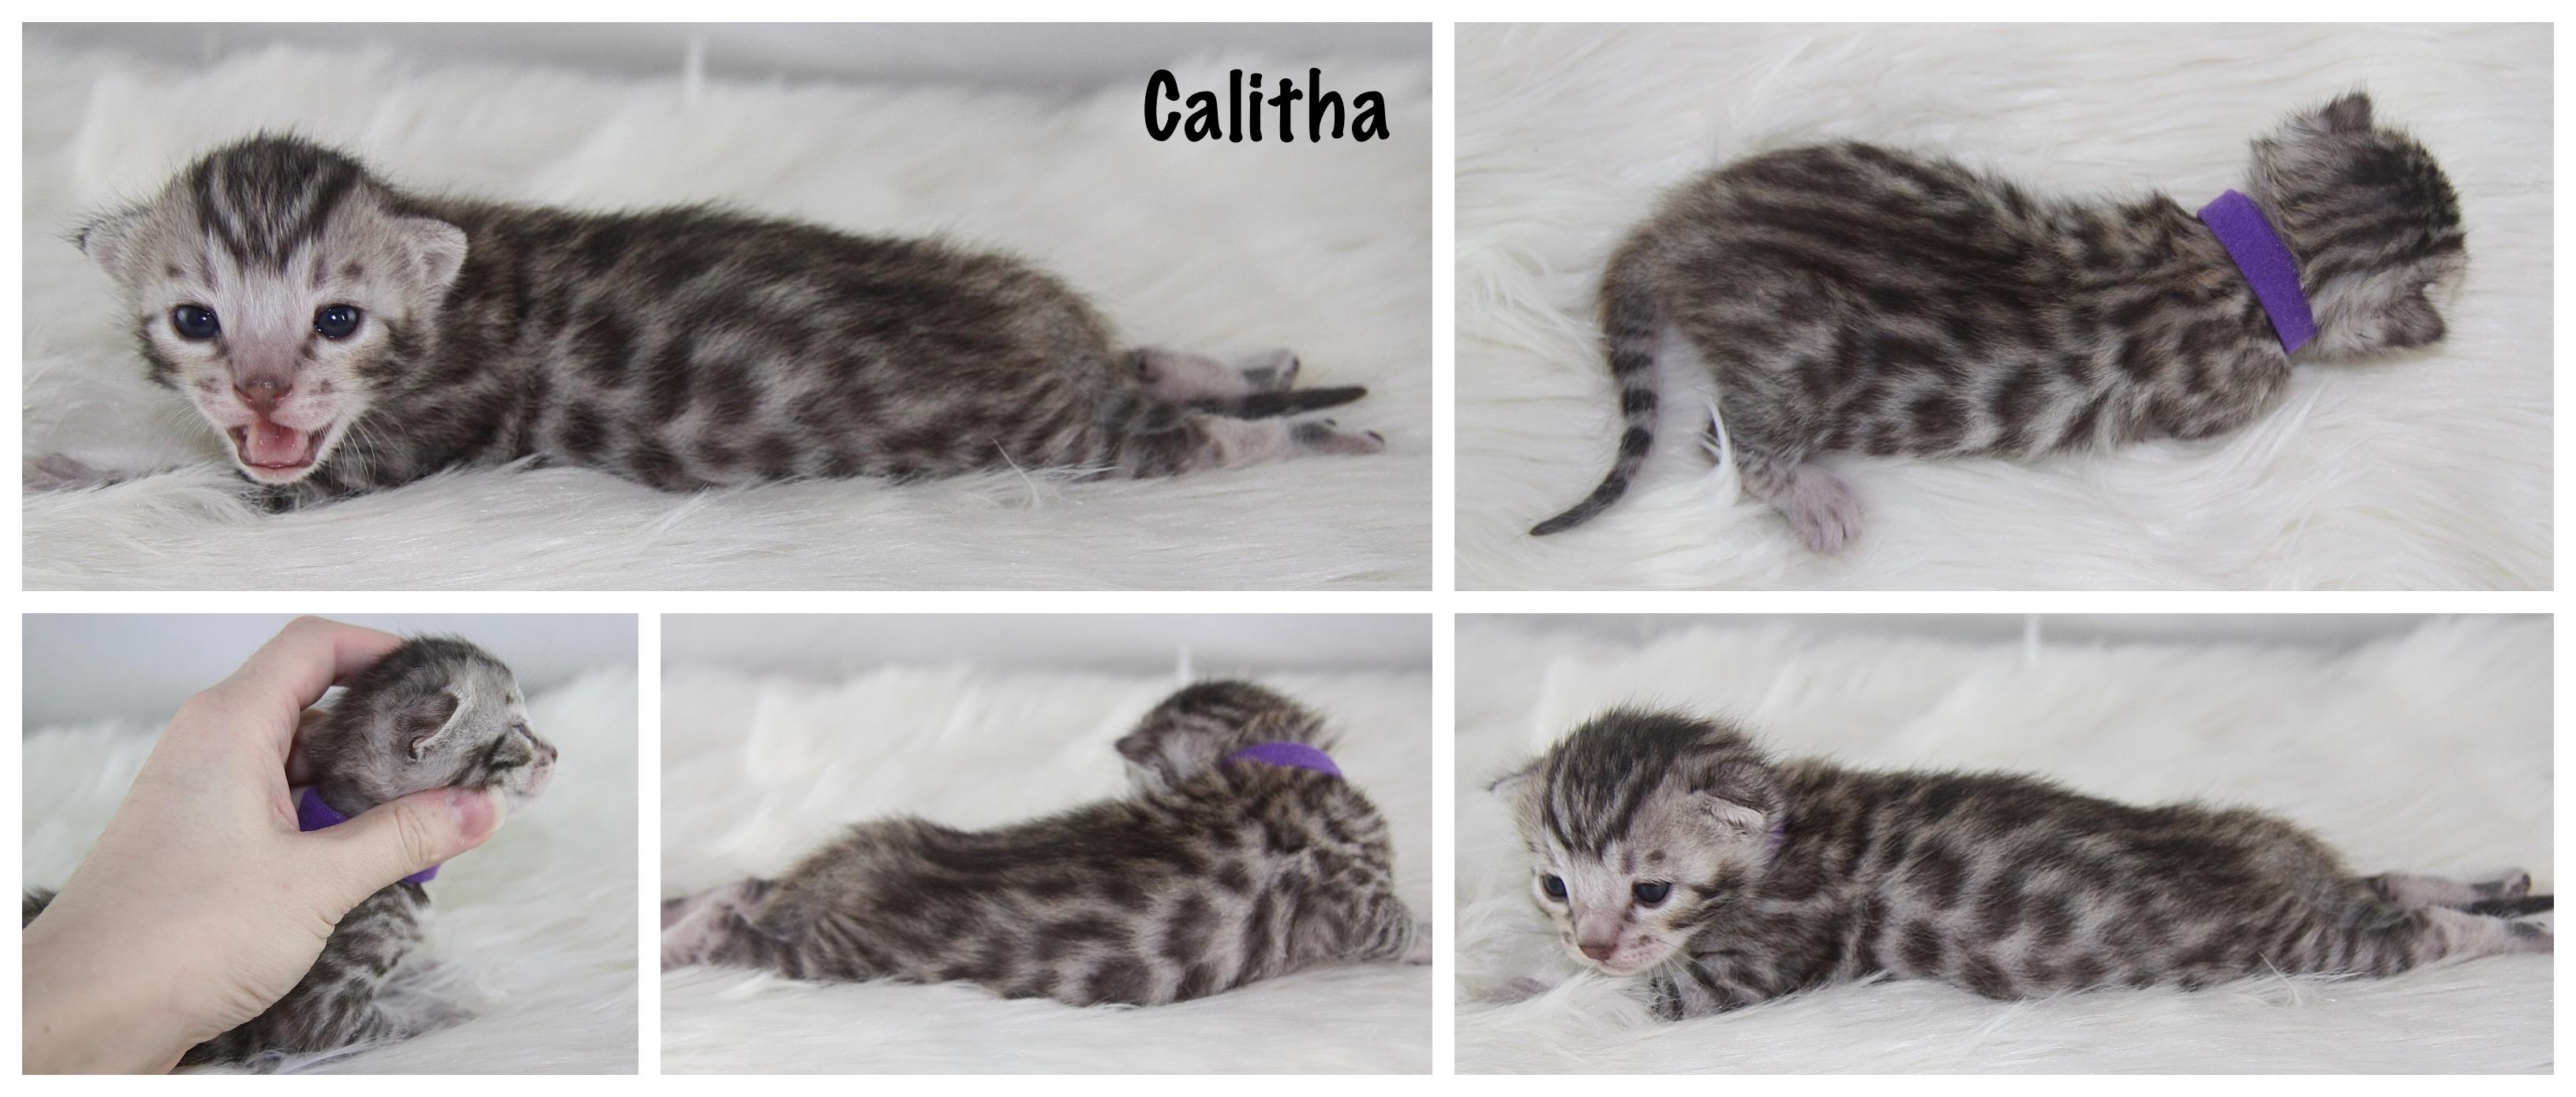 Calitha 2 weeks